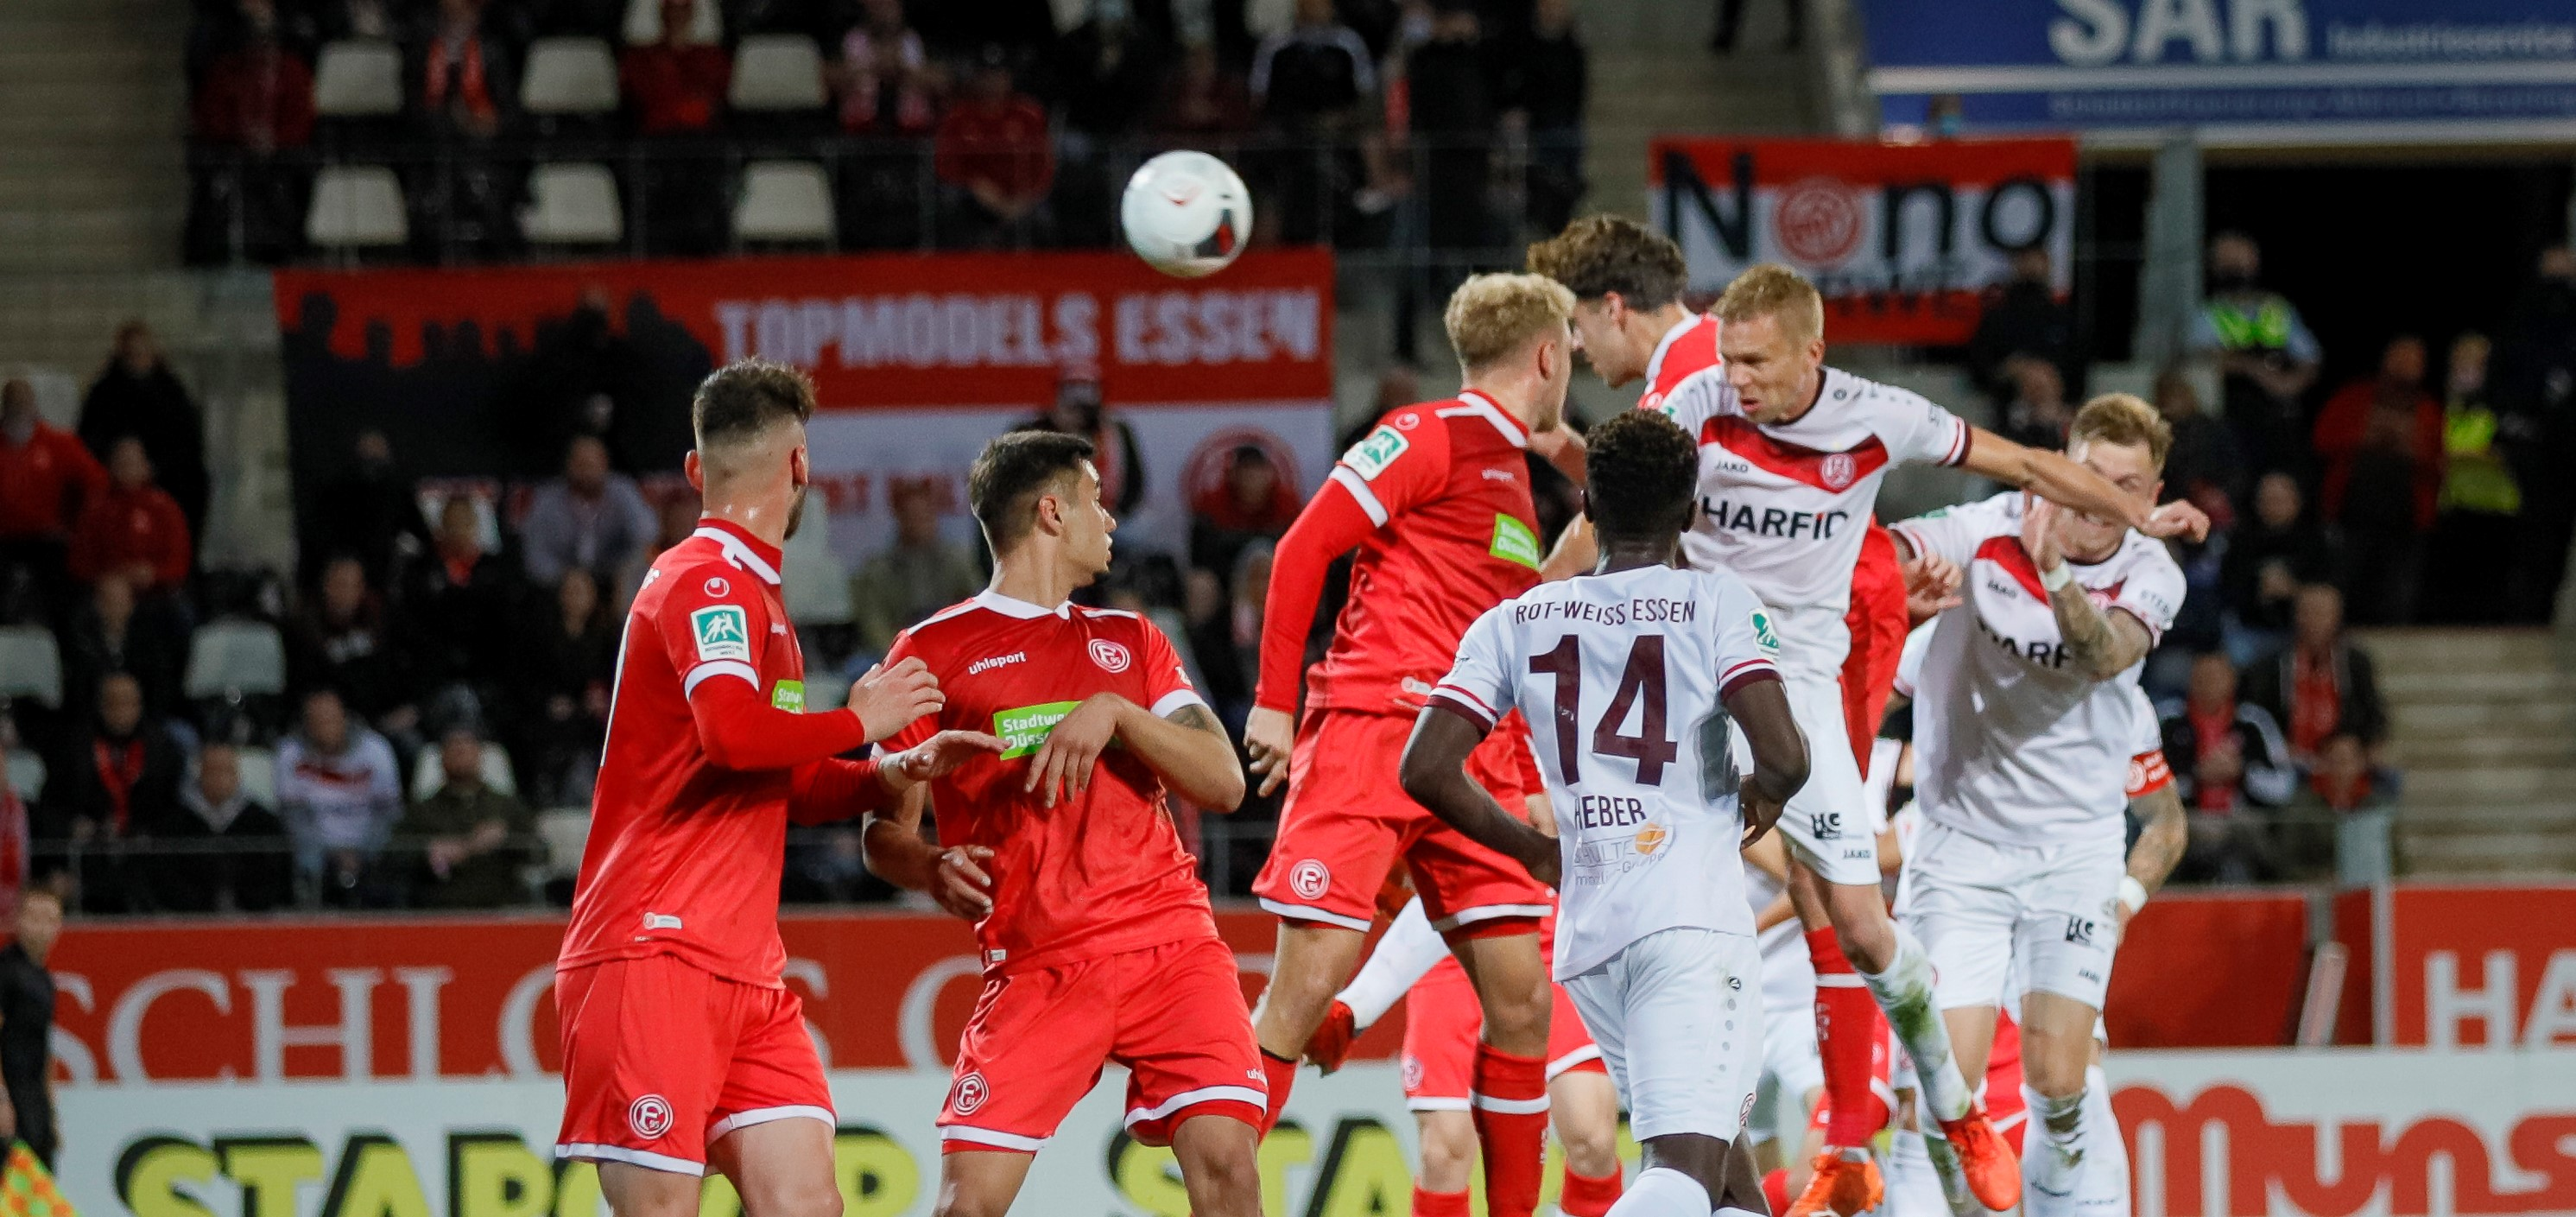 Zeit für das Rückspiel: Morgenabend ist RWE zu Gast bei der U23 von Fortuna Düsseldorf. (Foto: Endberg)